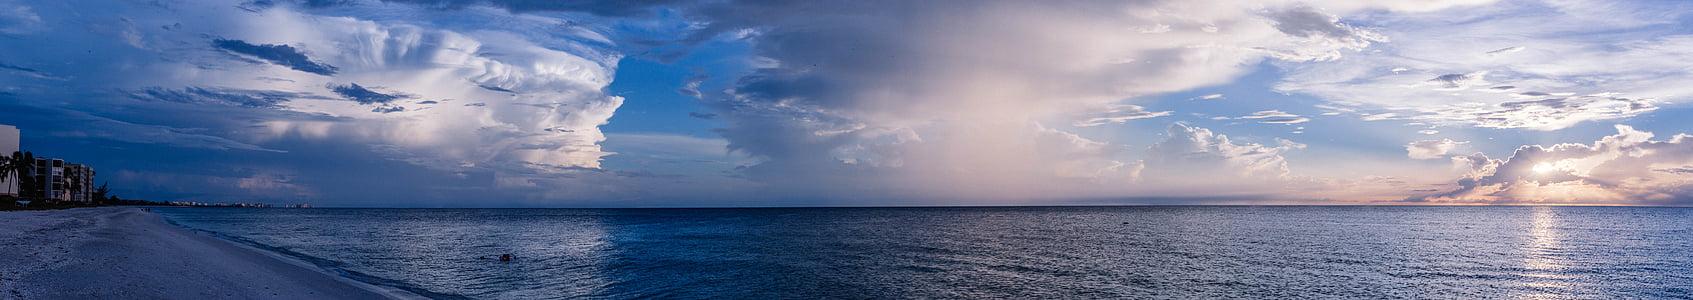 strand, kalme wateren, wolkenvorming, Dawn, daglicht, schemering, Horizon